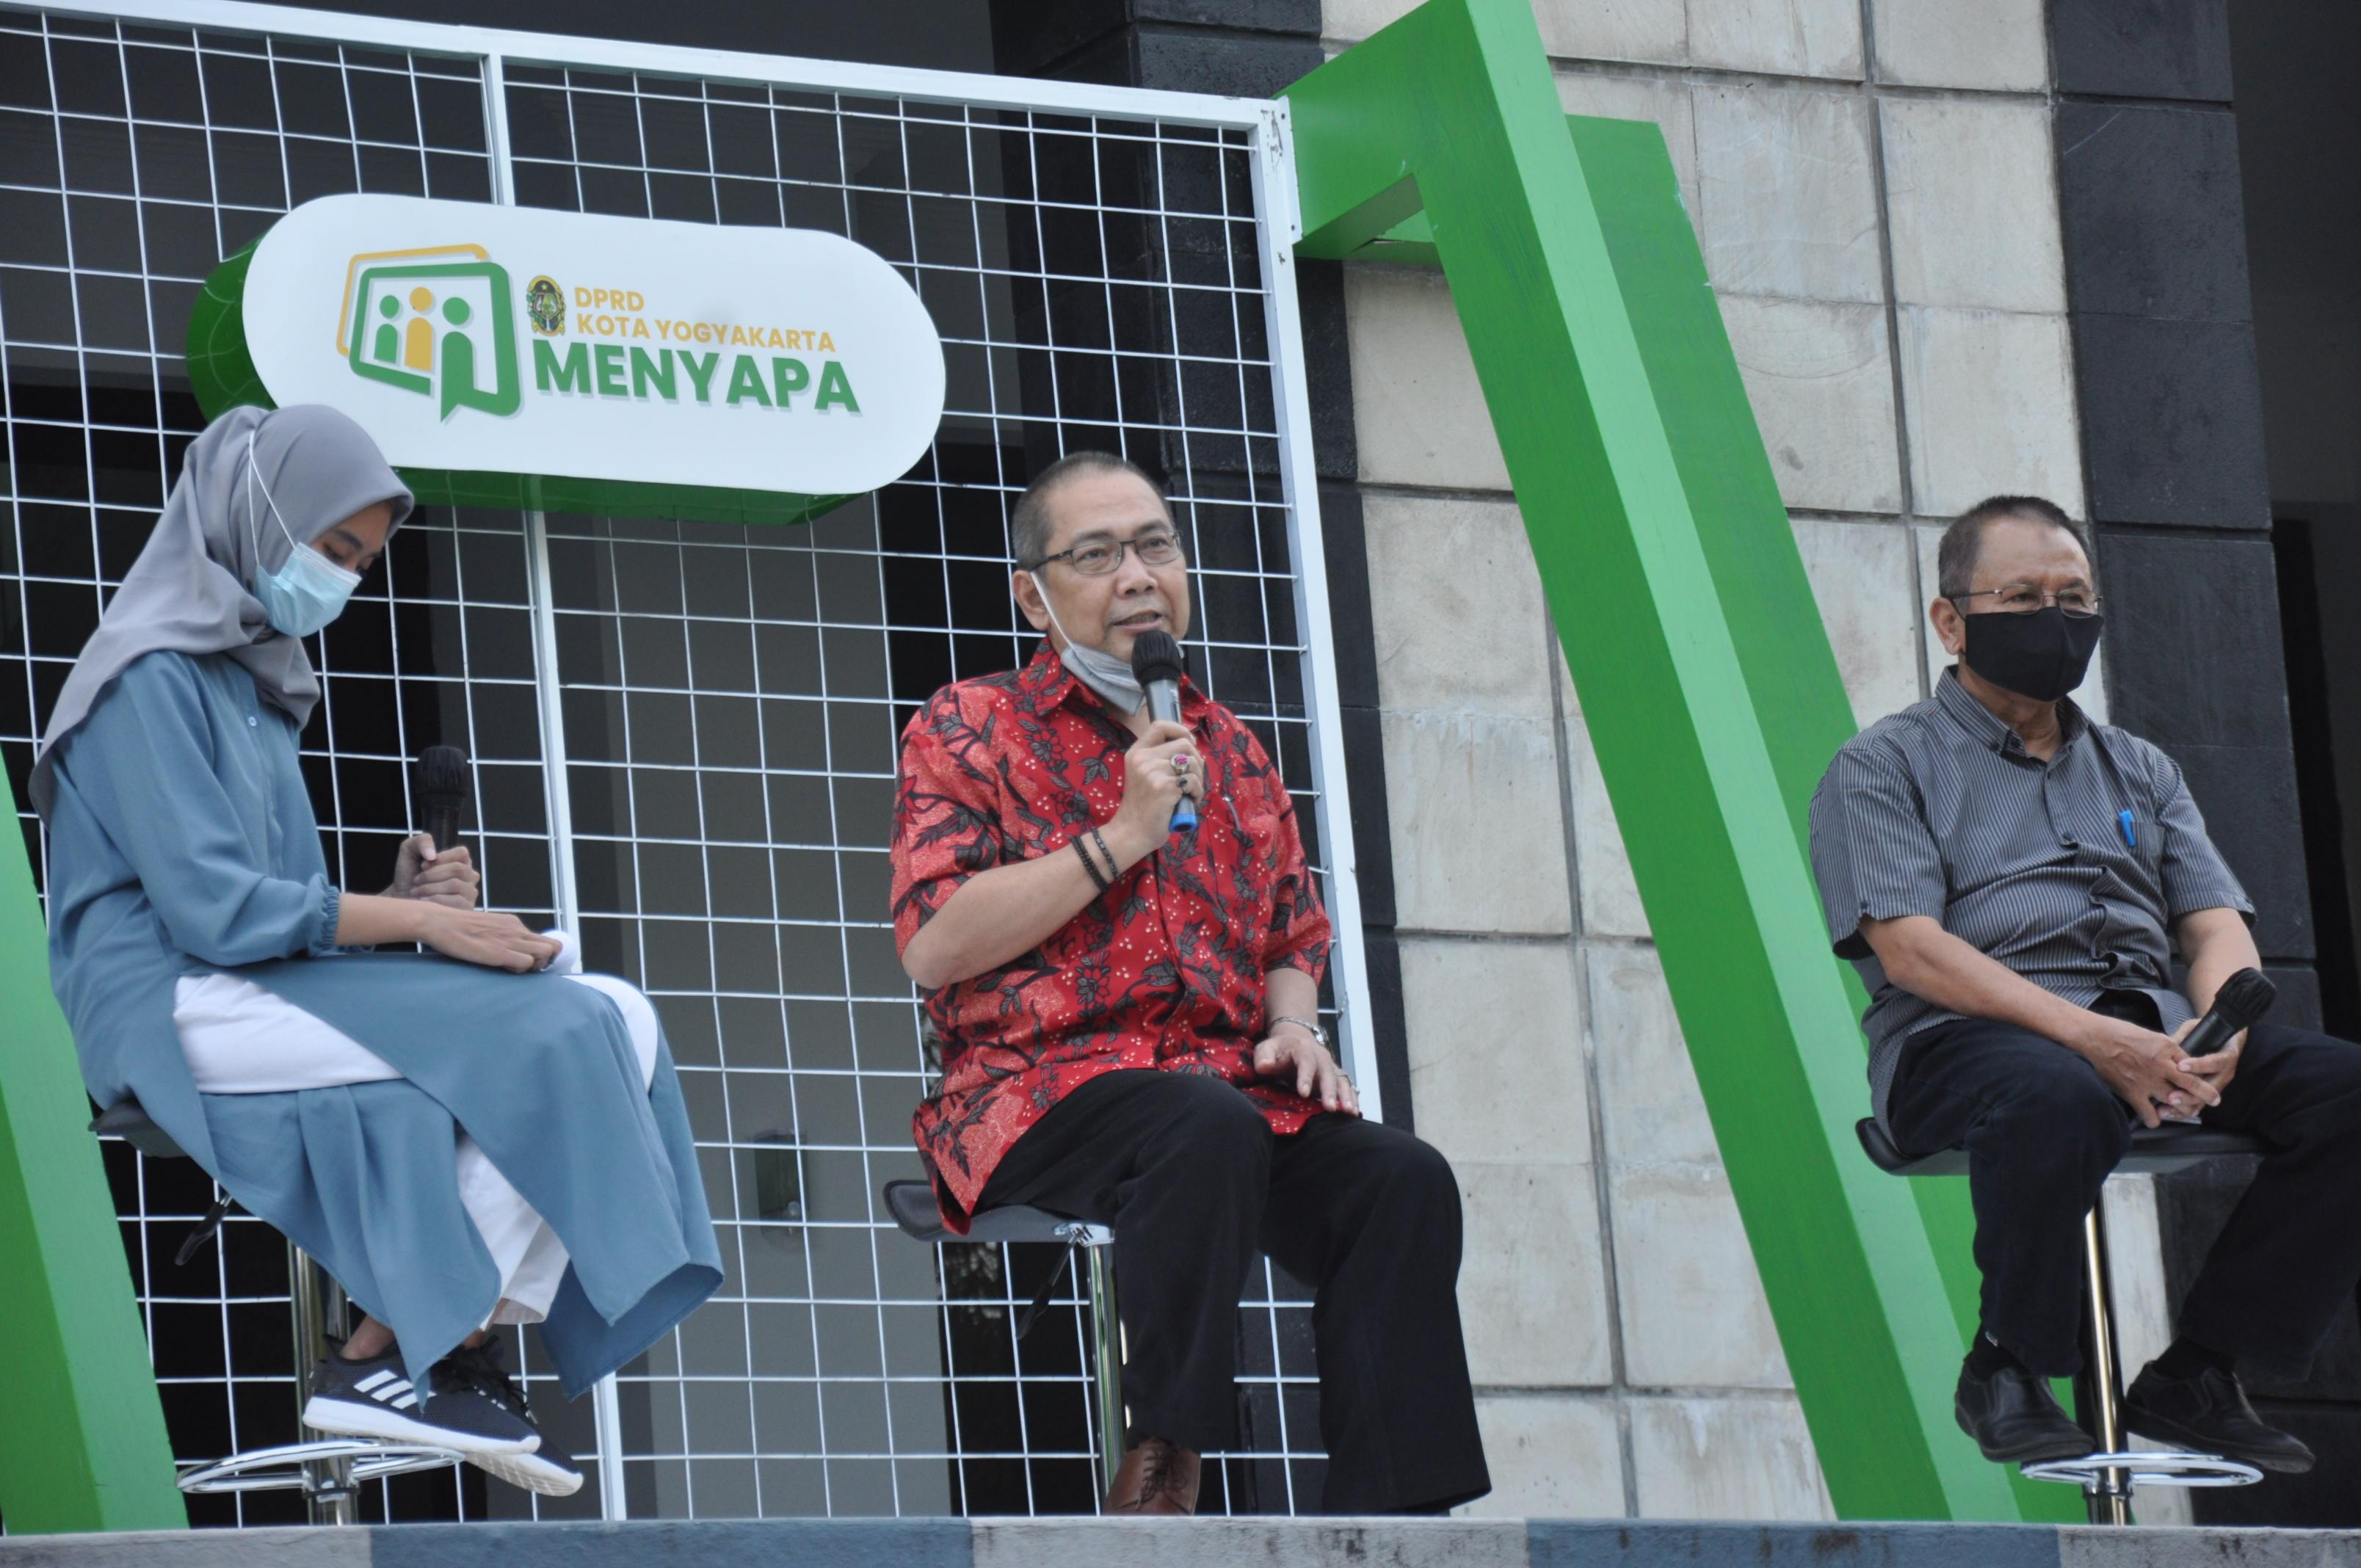 DPRD Kota Yogyakarta Menyapaa -Pengawasan Penanggulangan Covid 19 dan Pelaksanaan Vaksinasi Covid 19